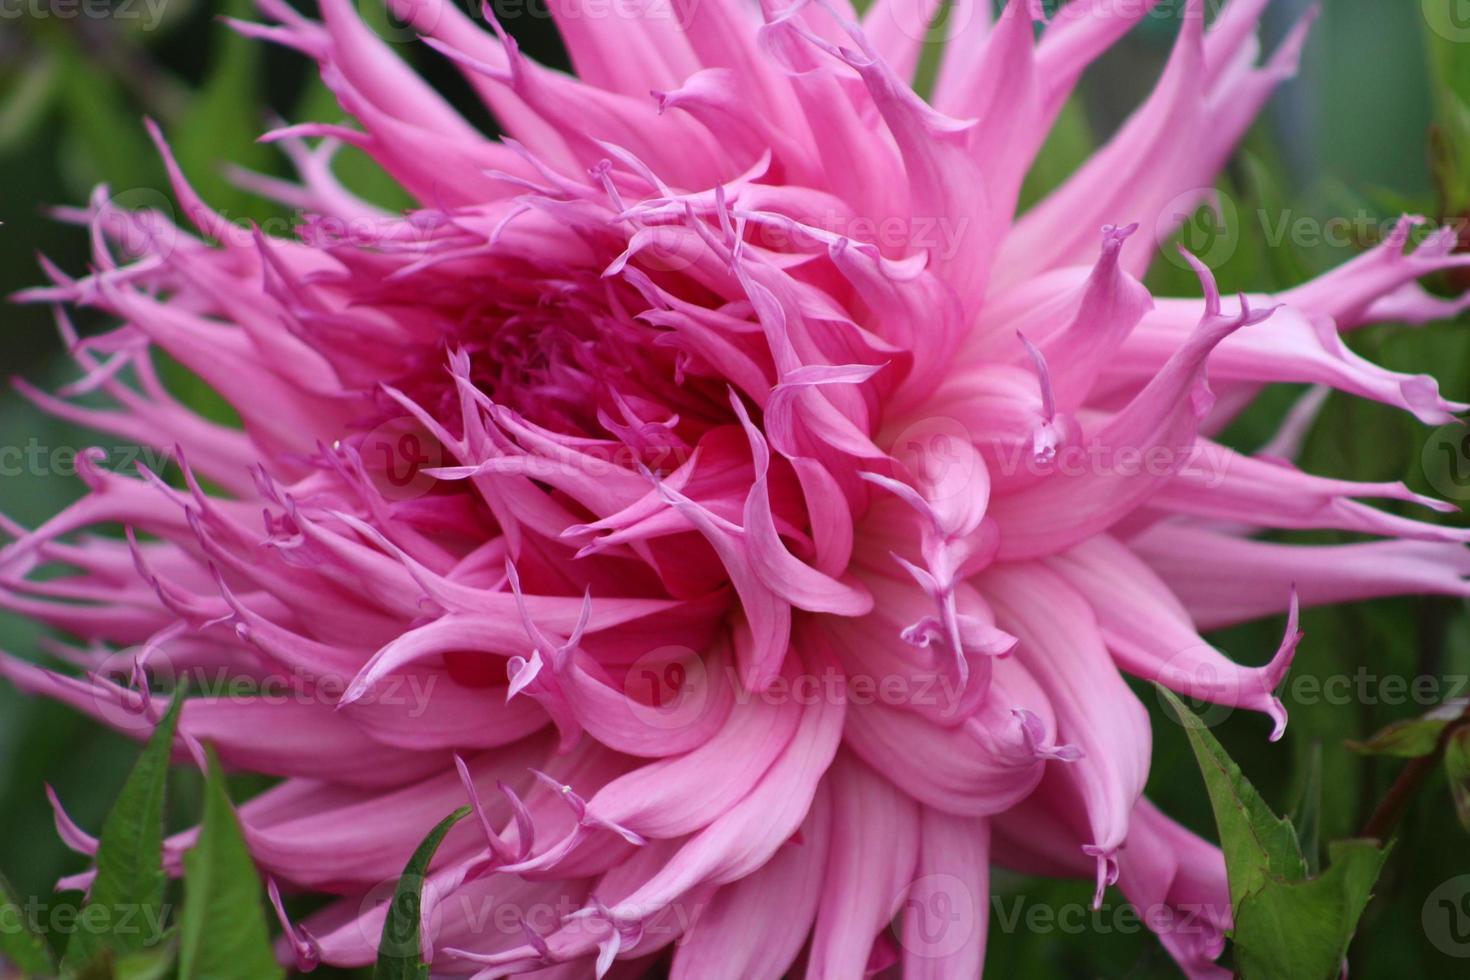 fiore rosa da vicino foto